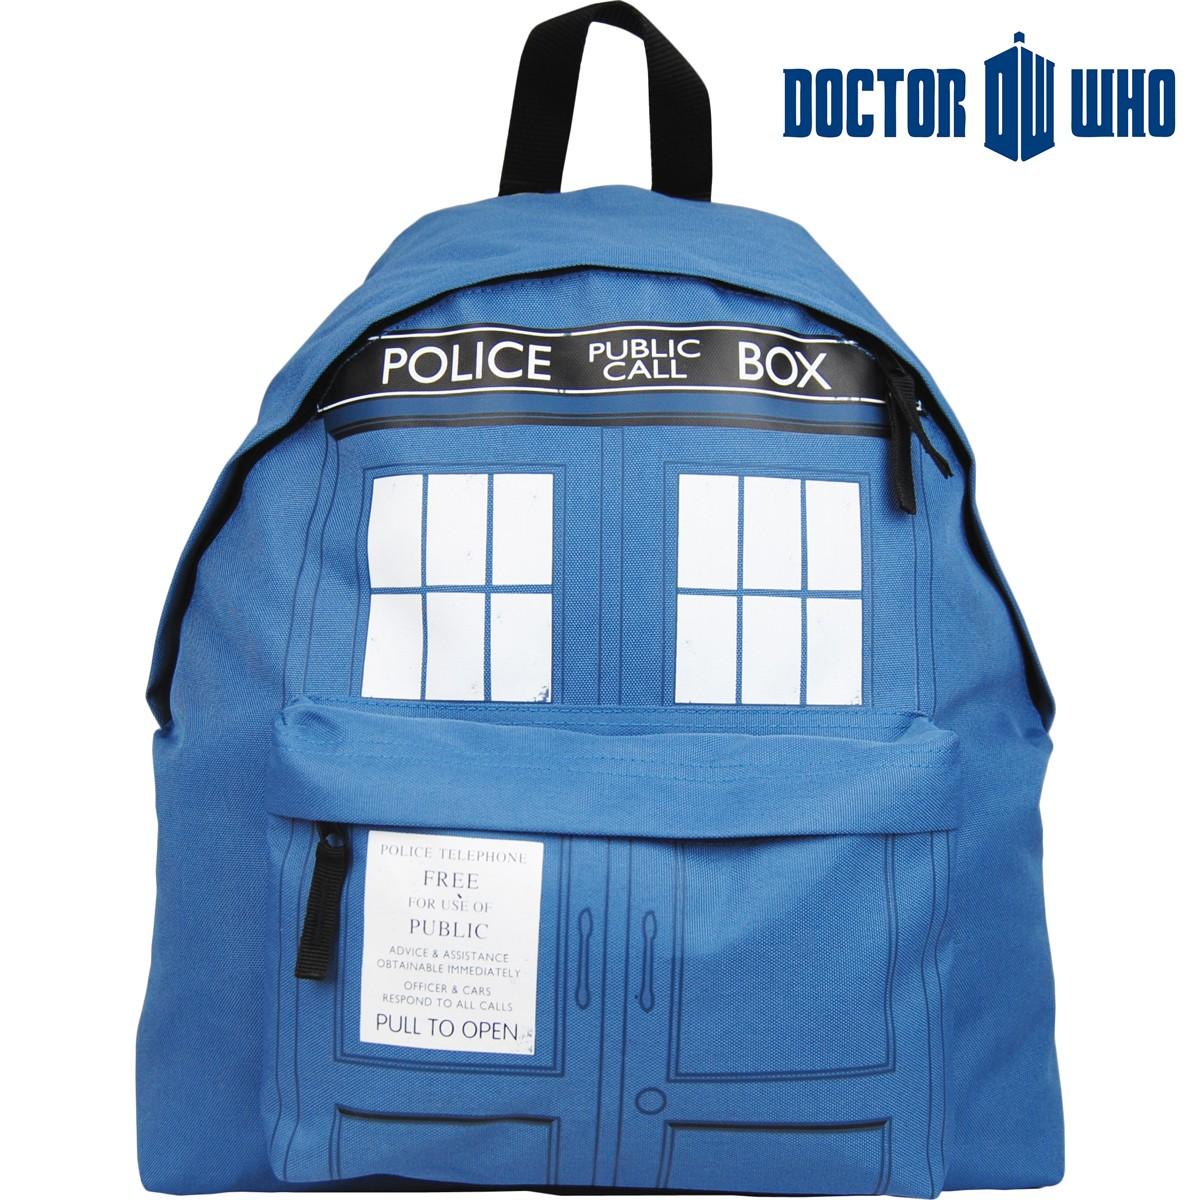 Rucksack Dr Who Tardis